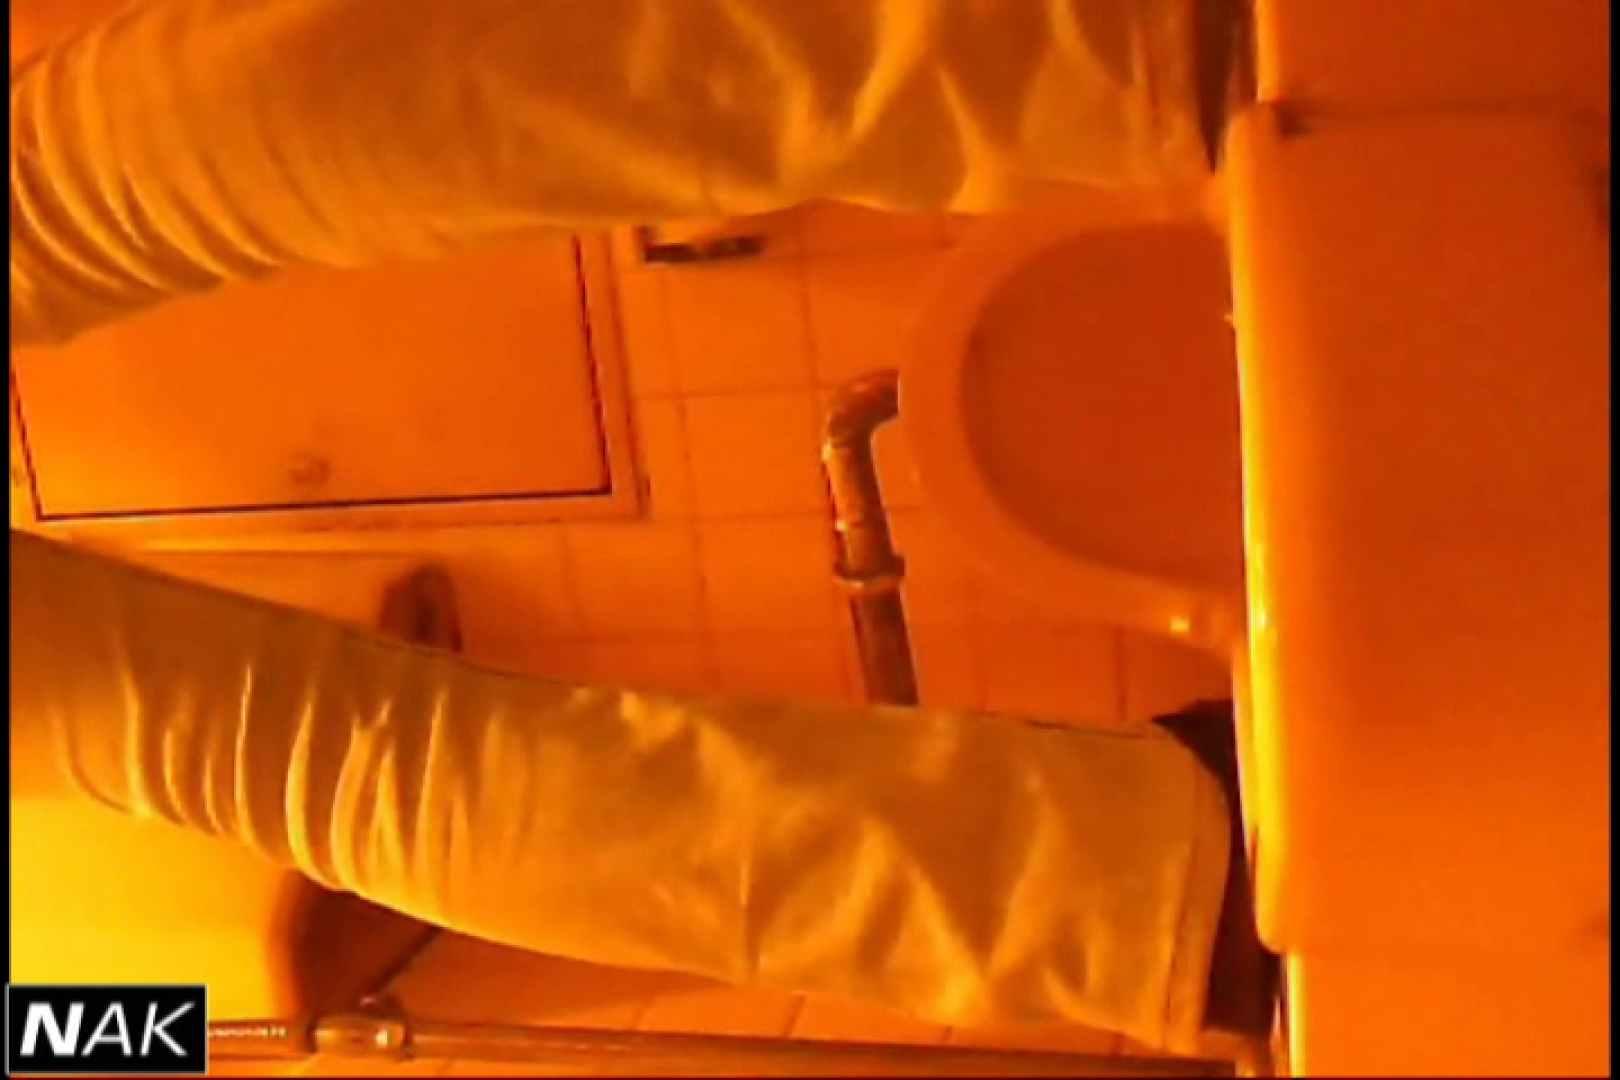 亀さんかわや VIP和式2カメバージョン! vol.09 和式 | 黄金水  107連発 101